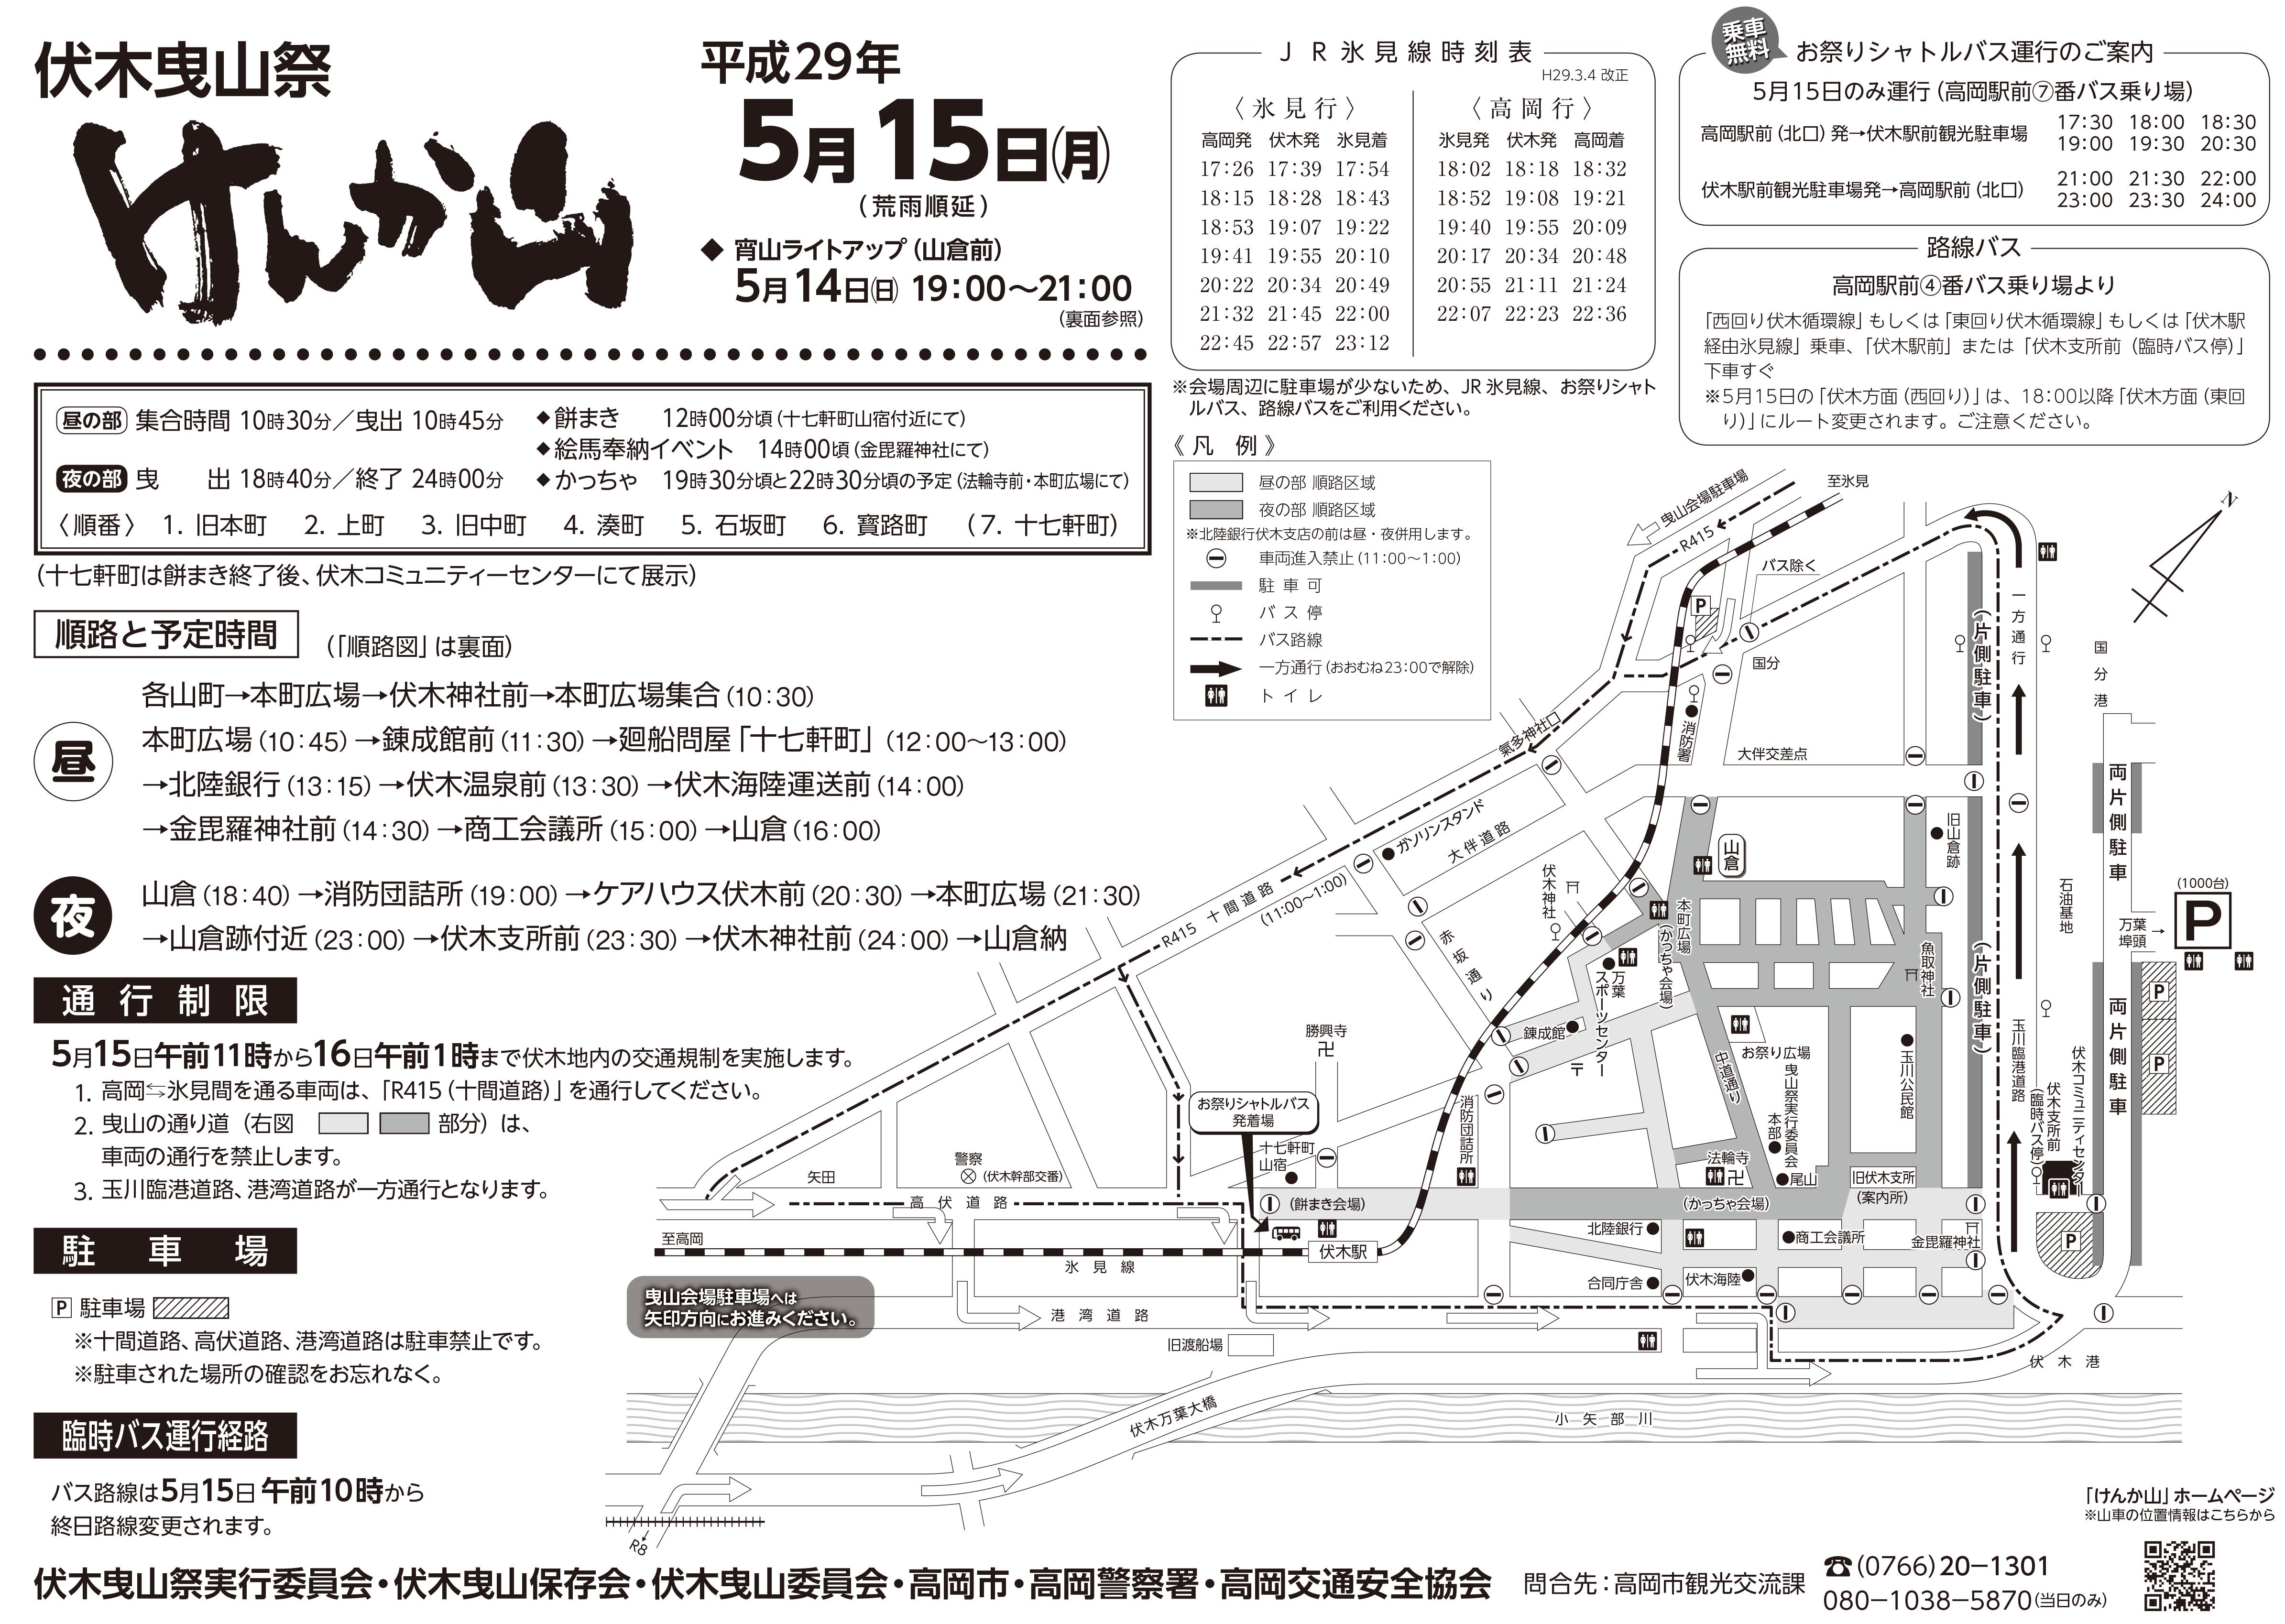 伏木けんか山2018の交通規制情報